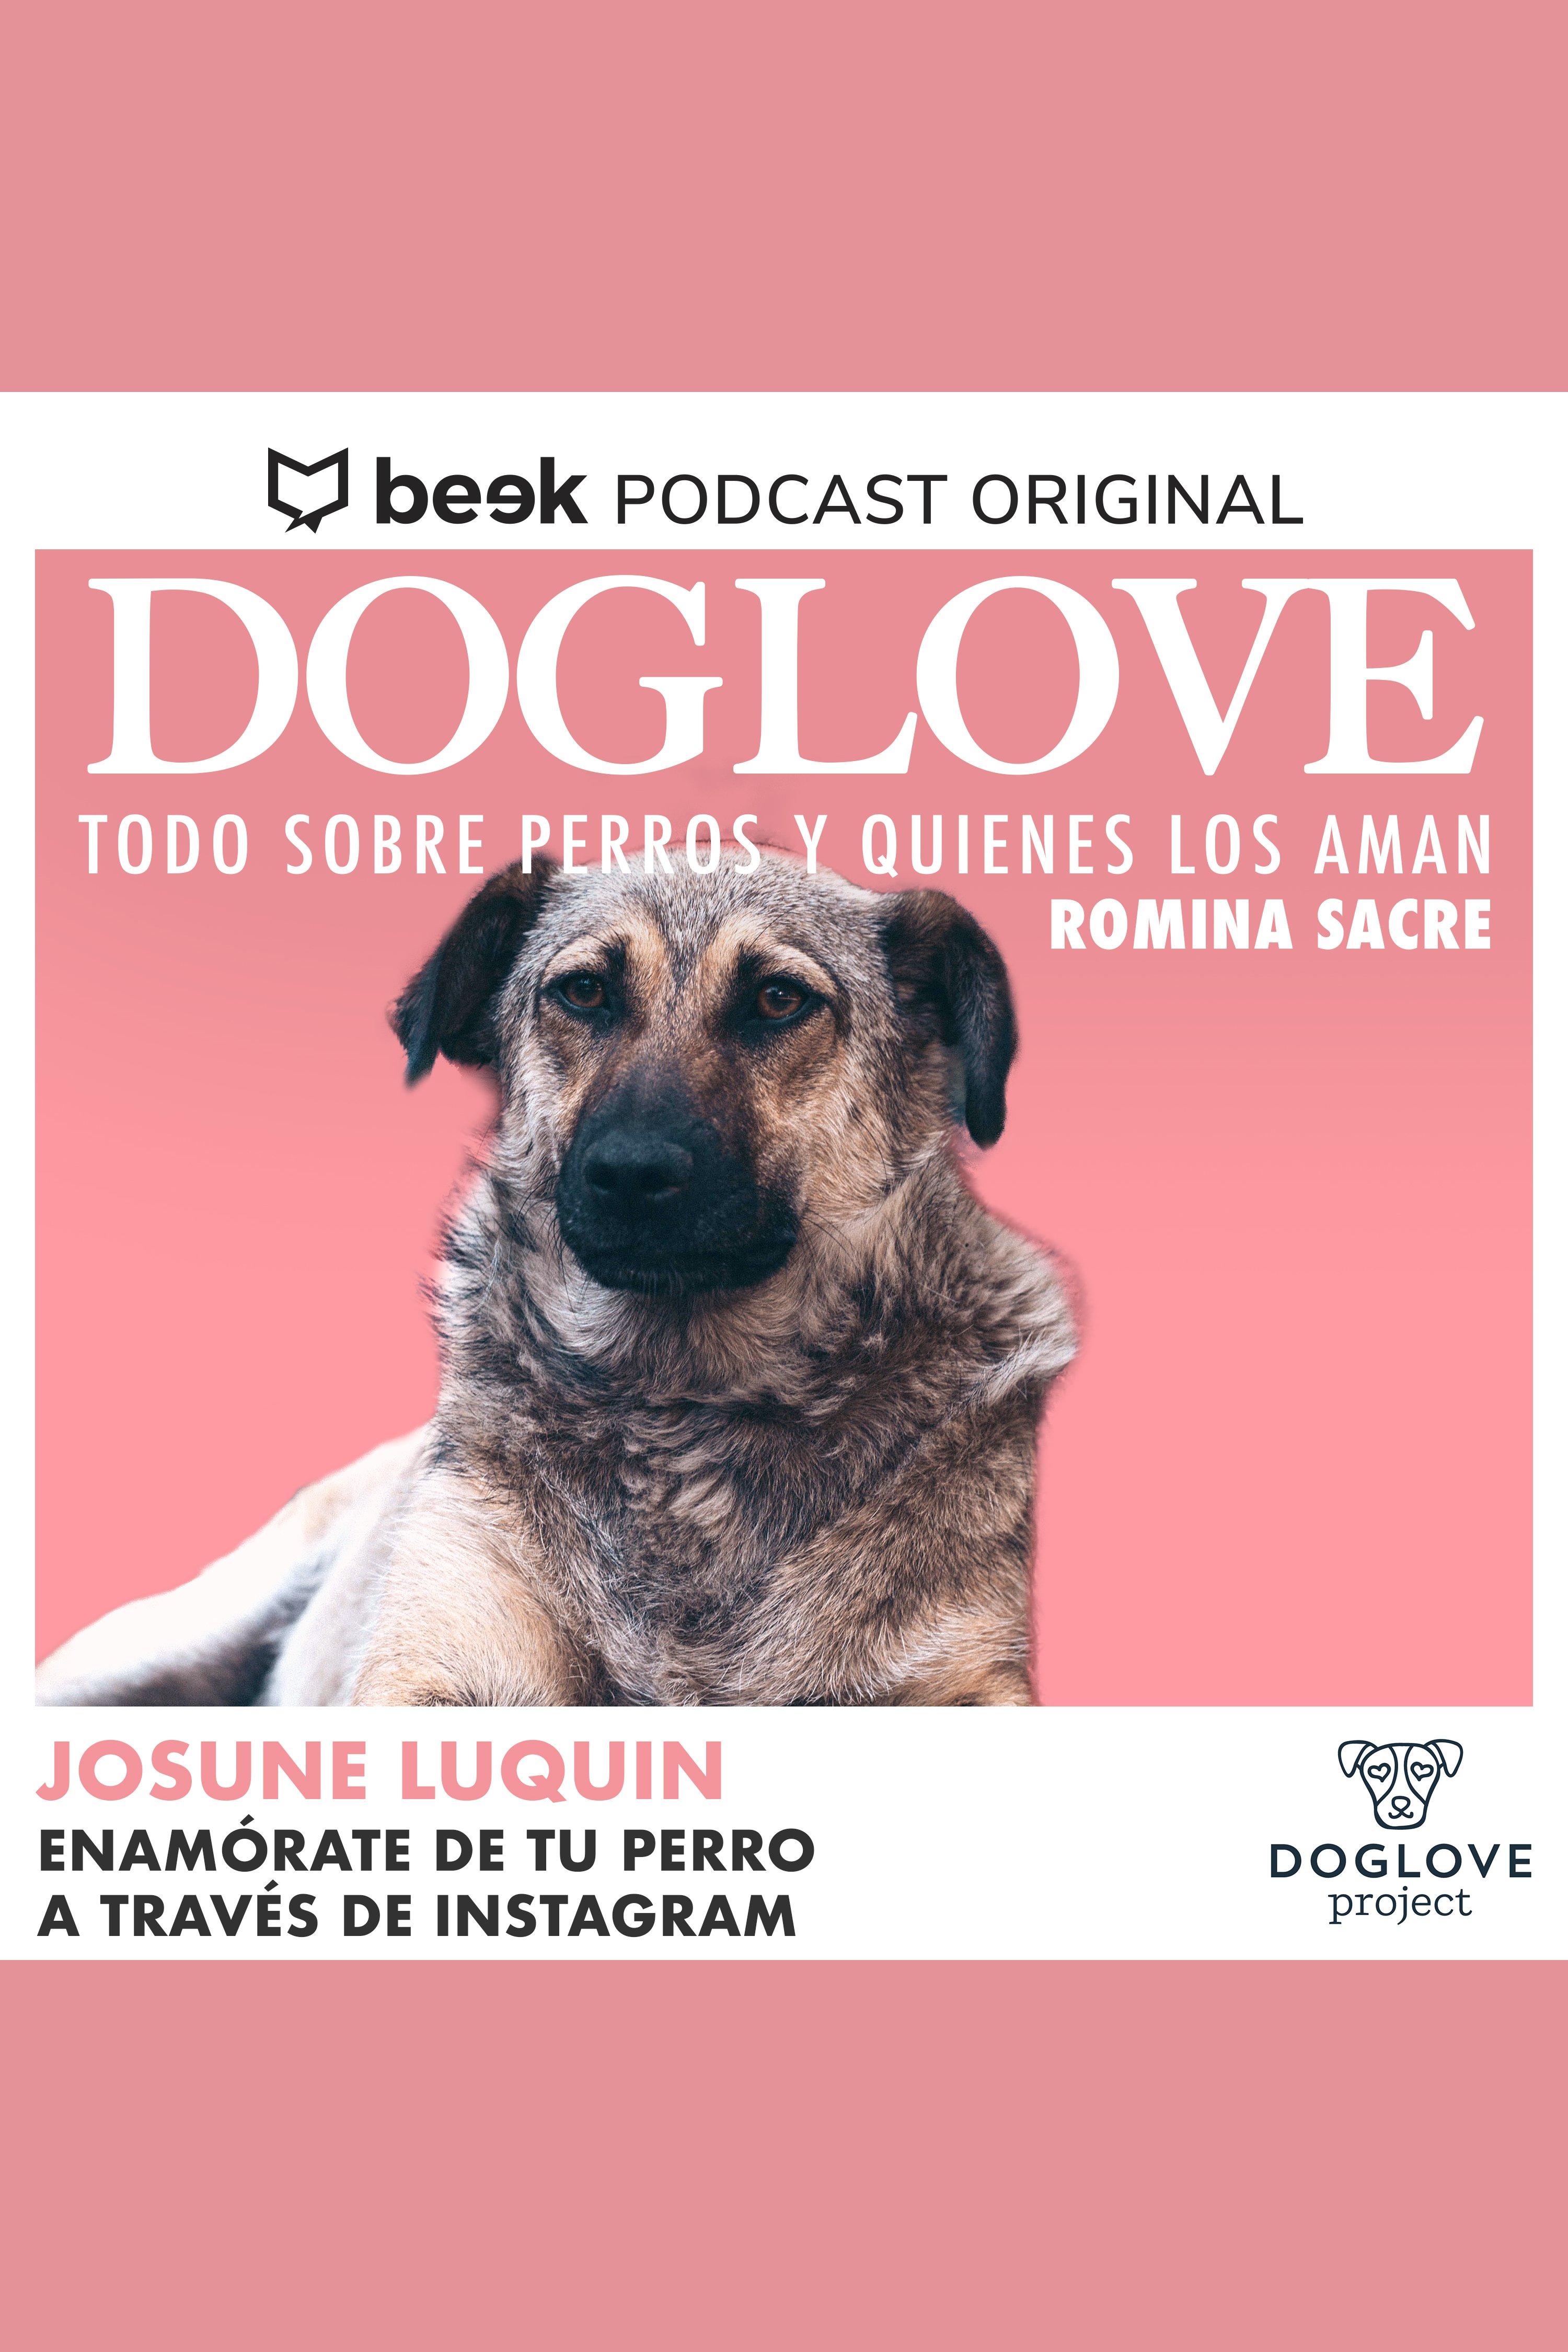 Esta es la portada del audiolibro Enamórate de tu perro a través de Instagram, con Josune Luquin